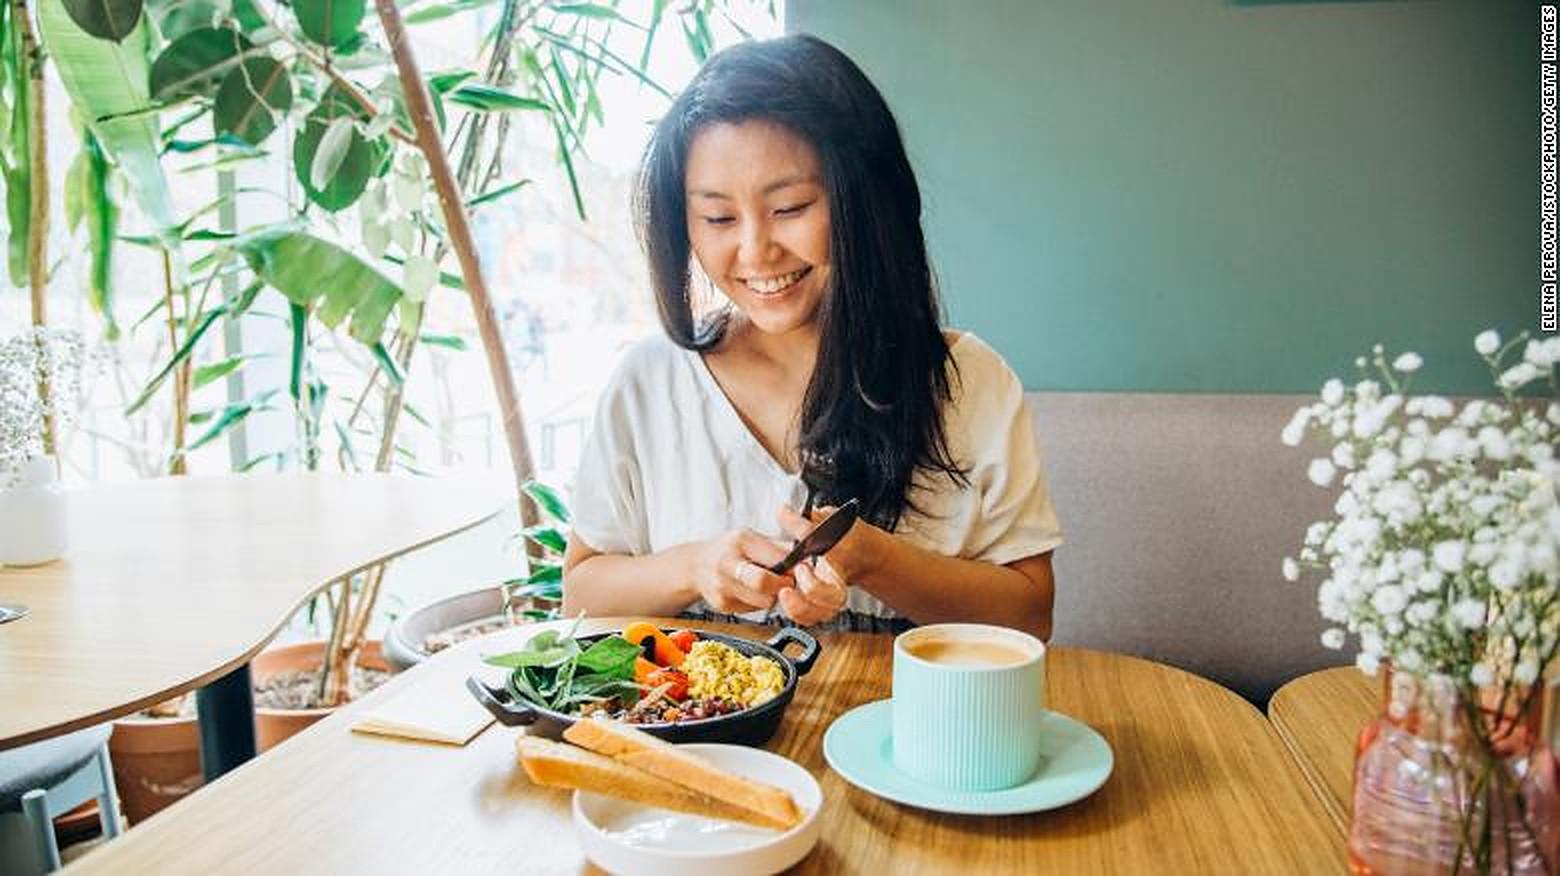 Mâncatul conștient ar putea să vă schimbe obiceiurile alimentare și viața în general. Iată cum să începeți